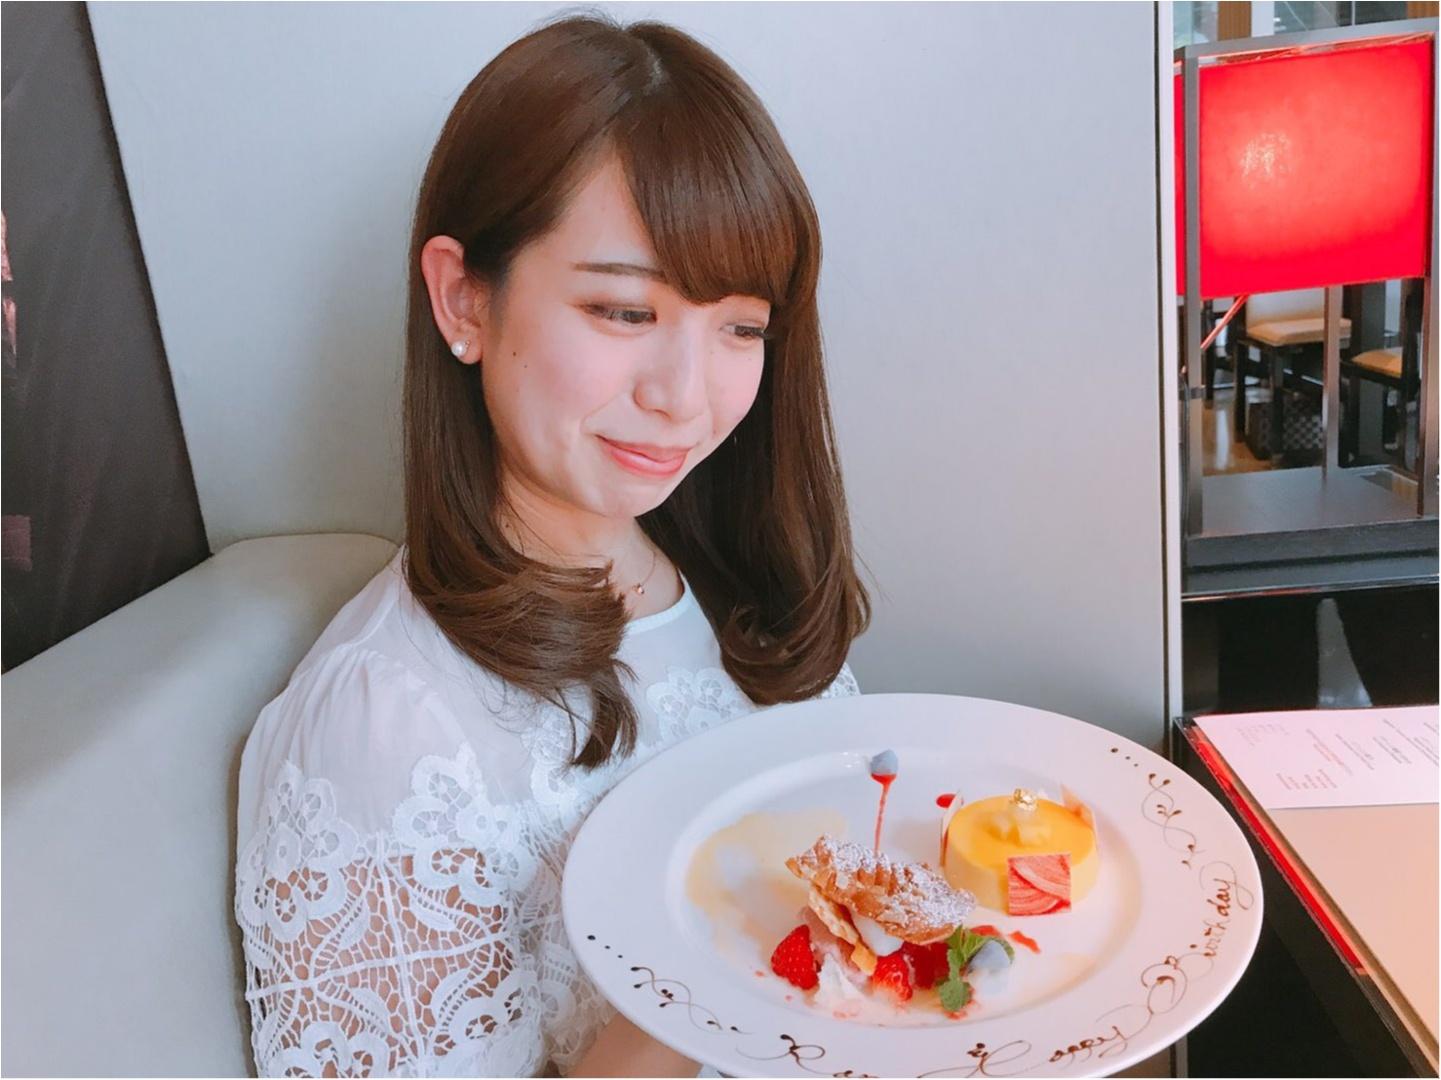 ブランド力!!オシャレな【ARMANI CAFFE】でお誕生日会☆_7